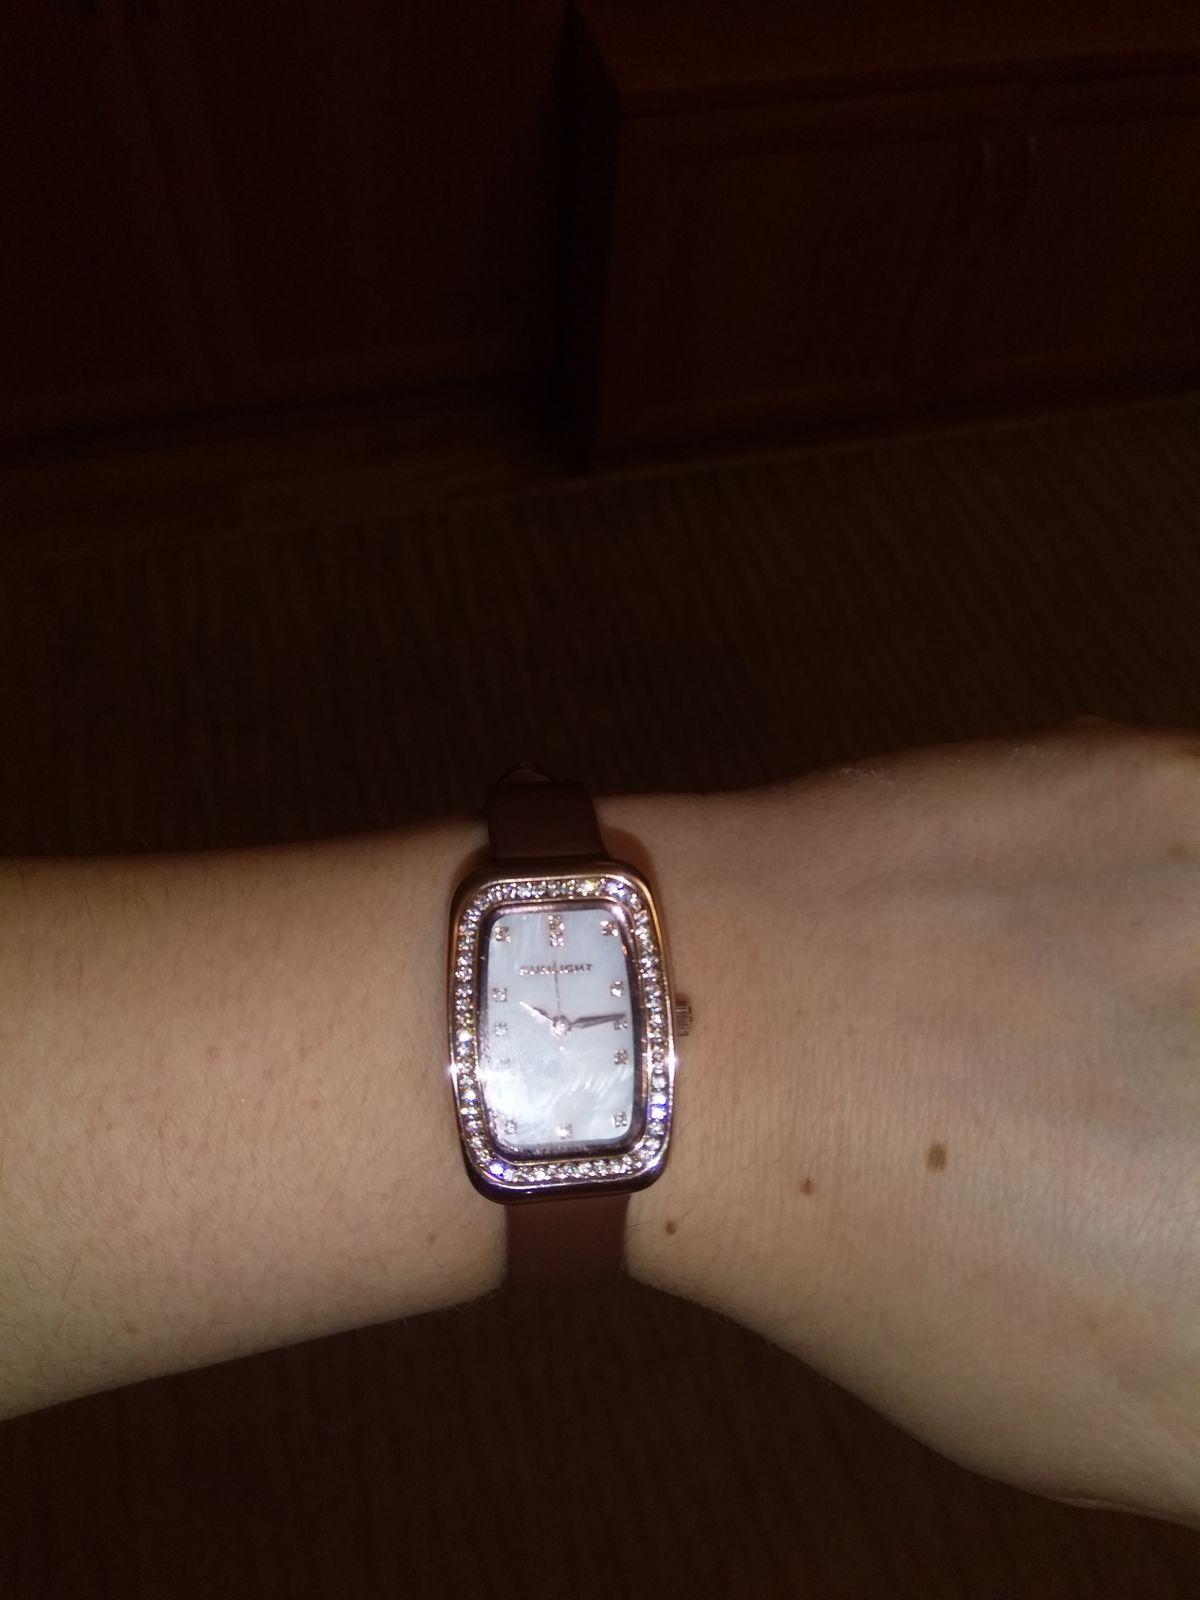 Часы классные, мне очень нравится, изящно, классика всегда в моде